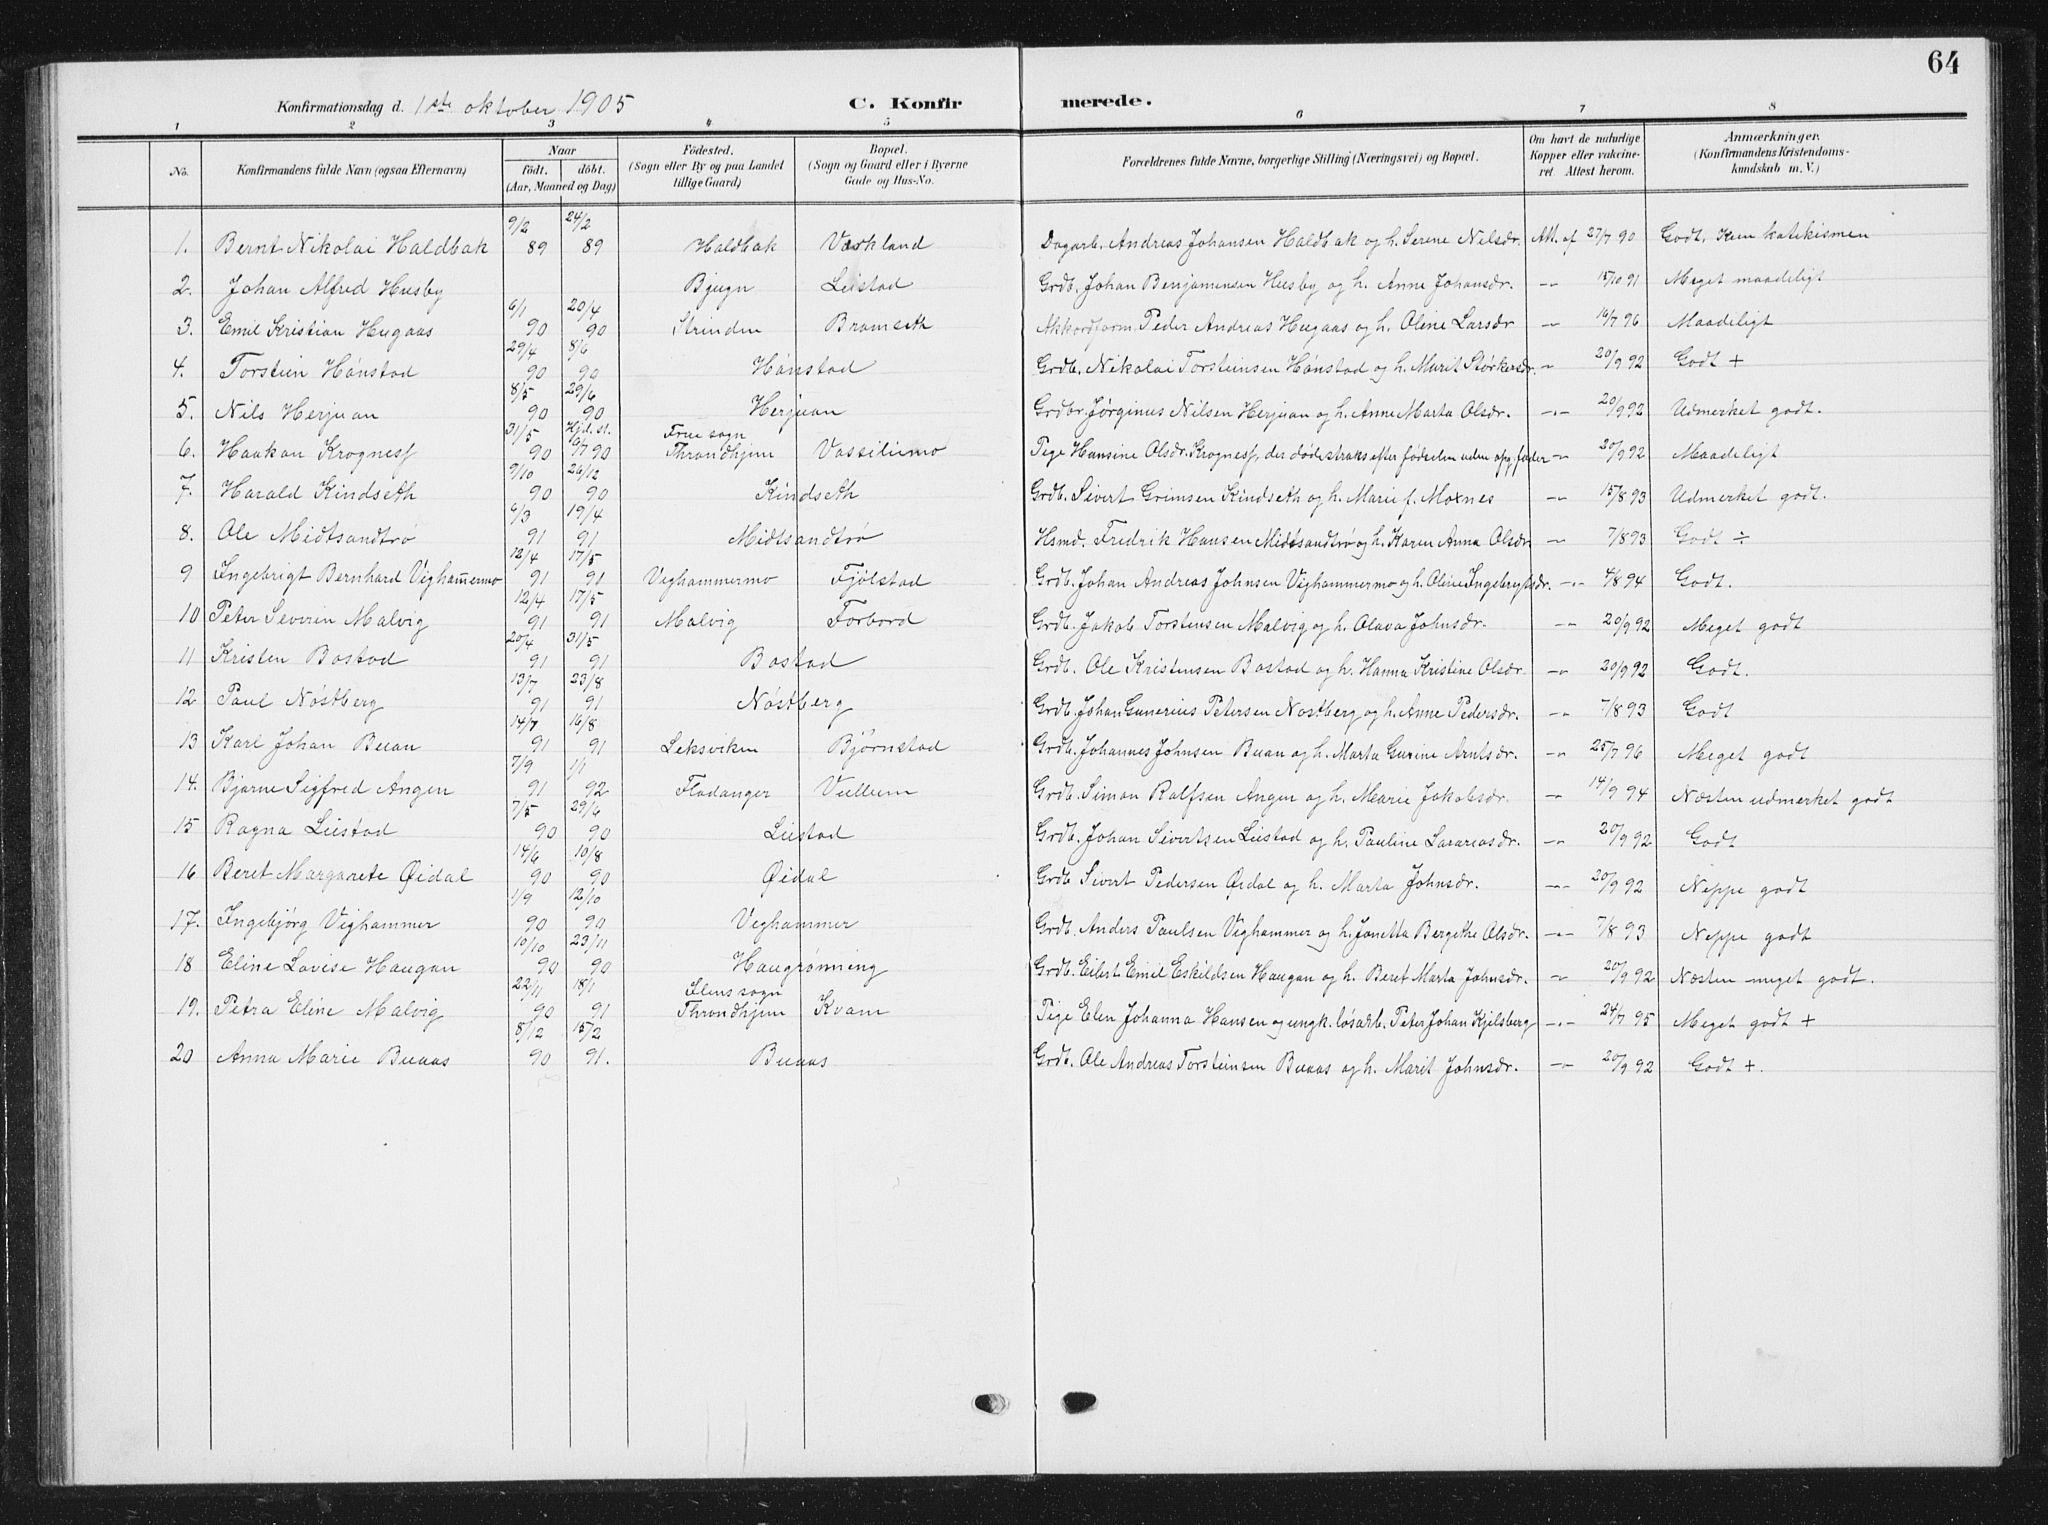 SAT, Ministerialprotokoller, klokkerbøker og fødselsregistre - Sør-Trøndelag, 616/L0424: Klokkerbok nr. 616C07, 1904-1940, s. 64